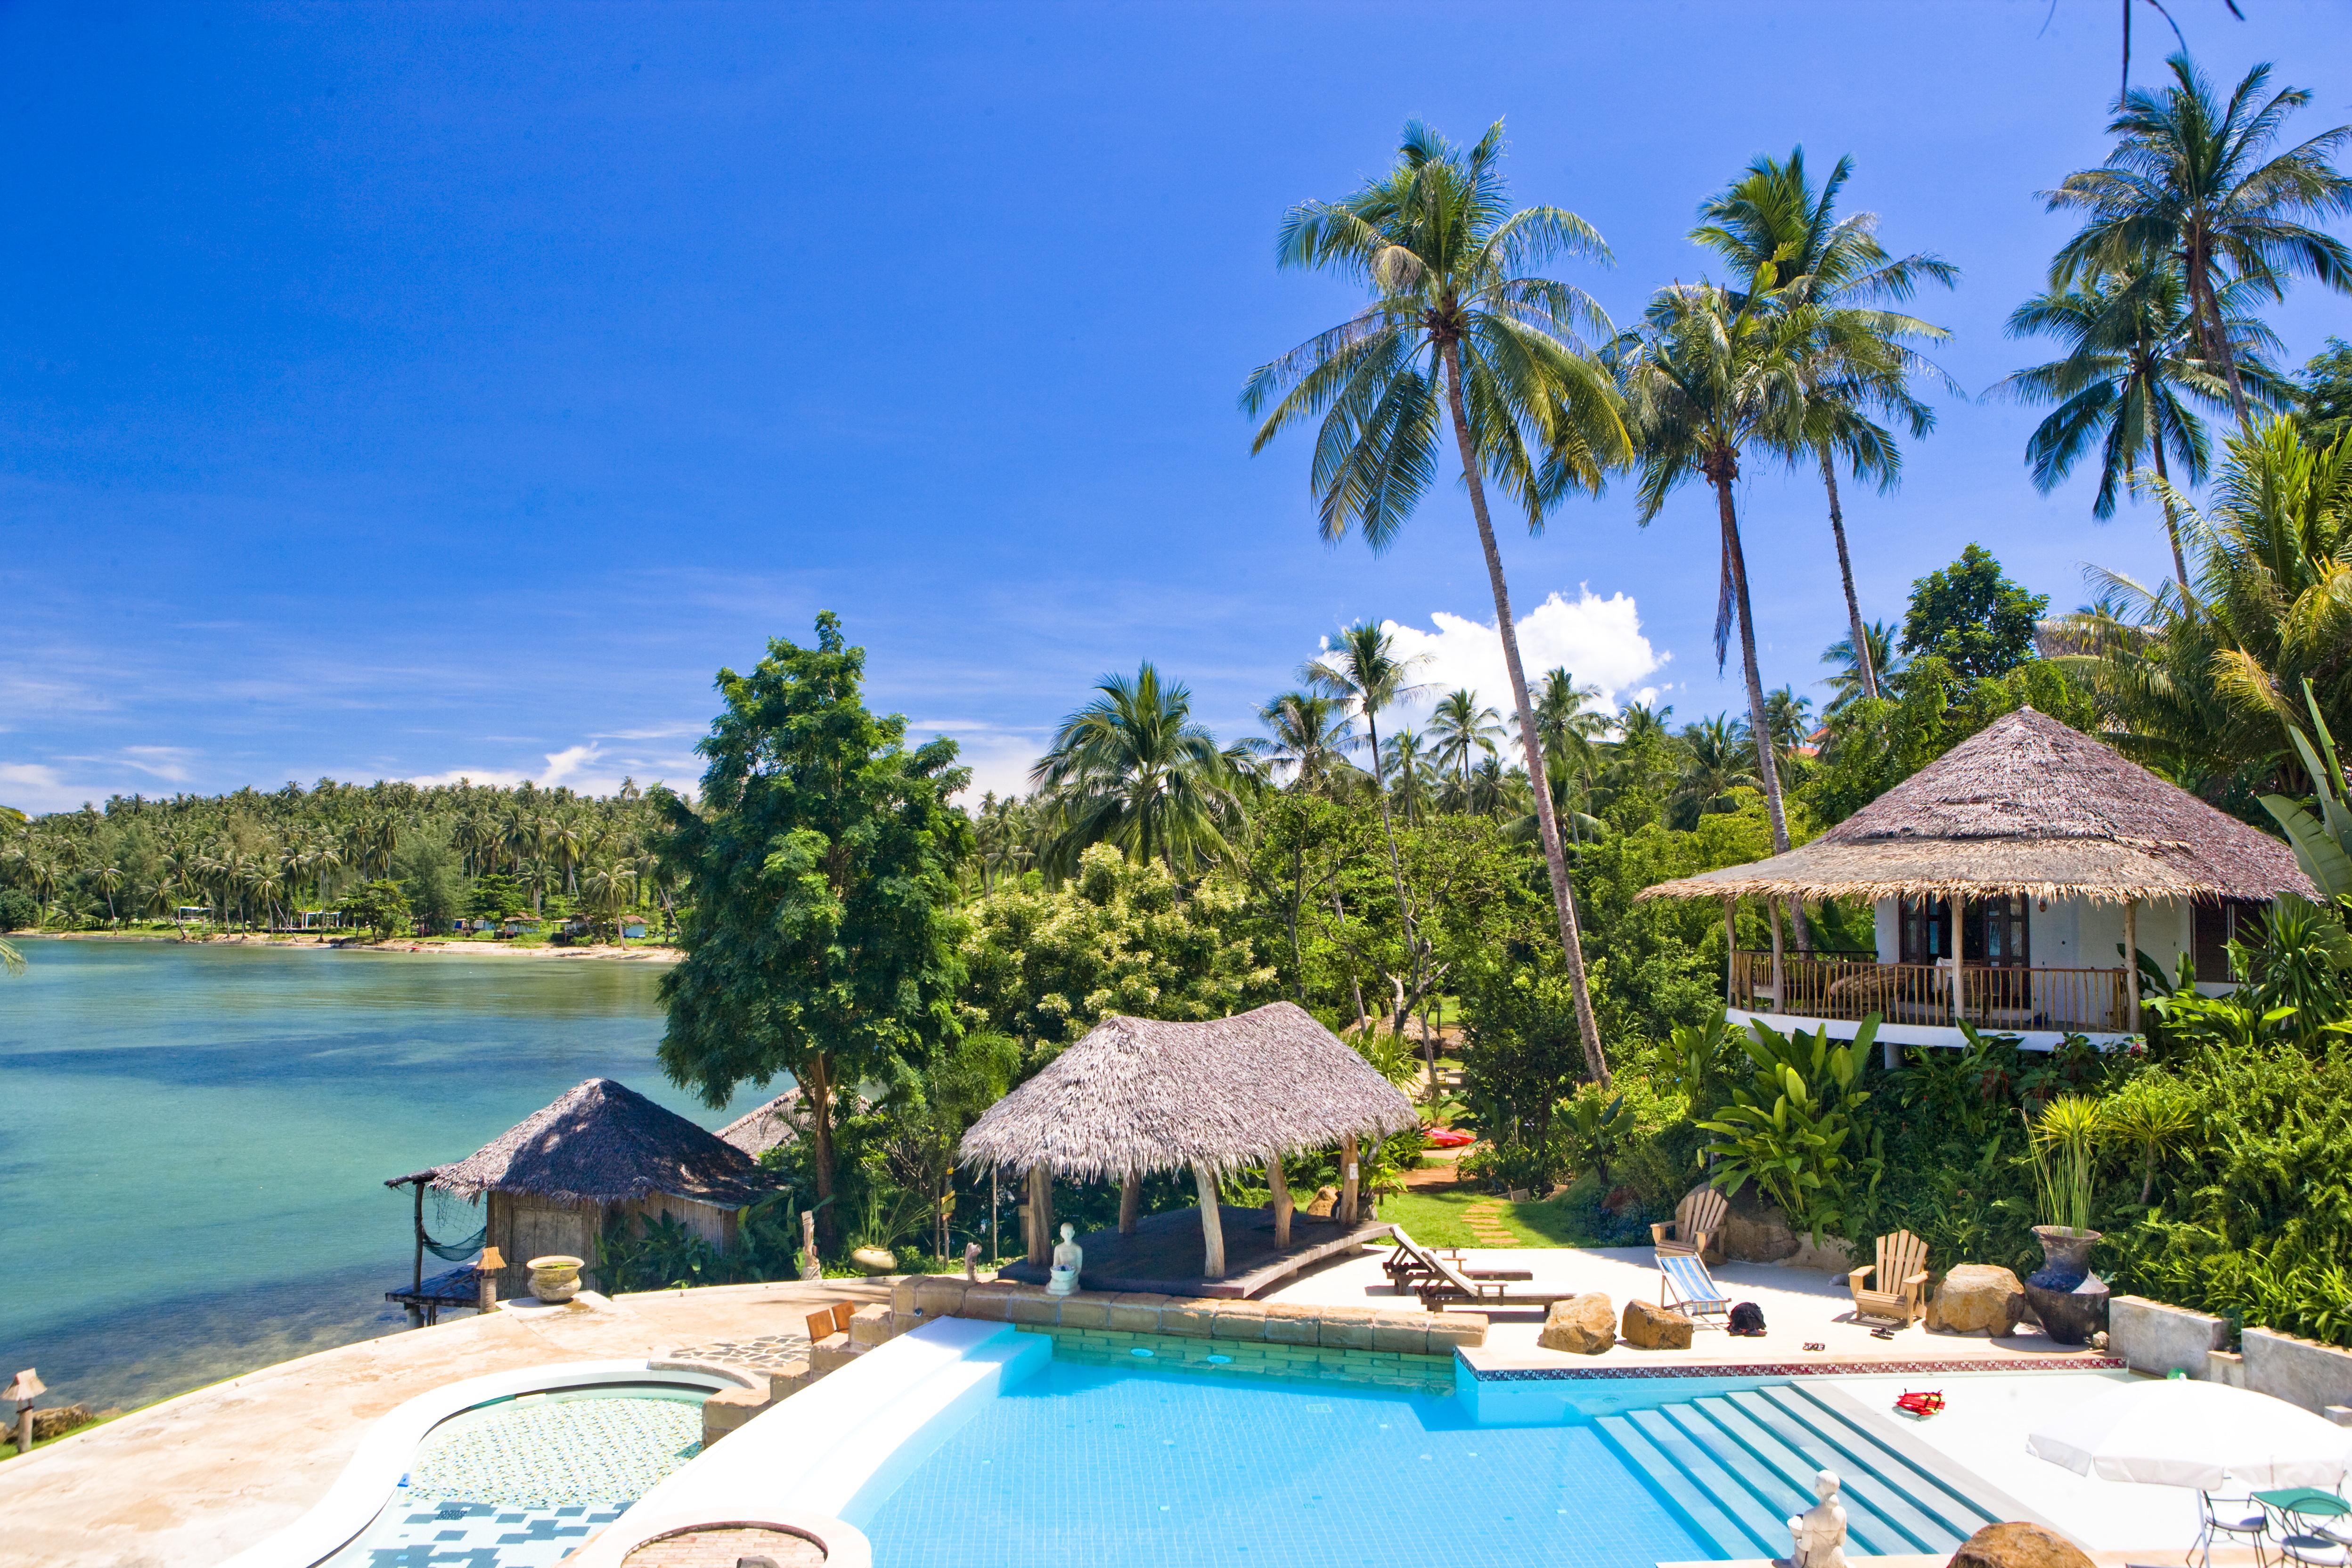 Koh Mak Cococape Resort Coco